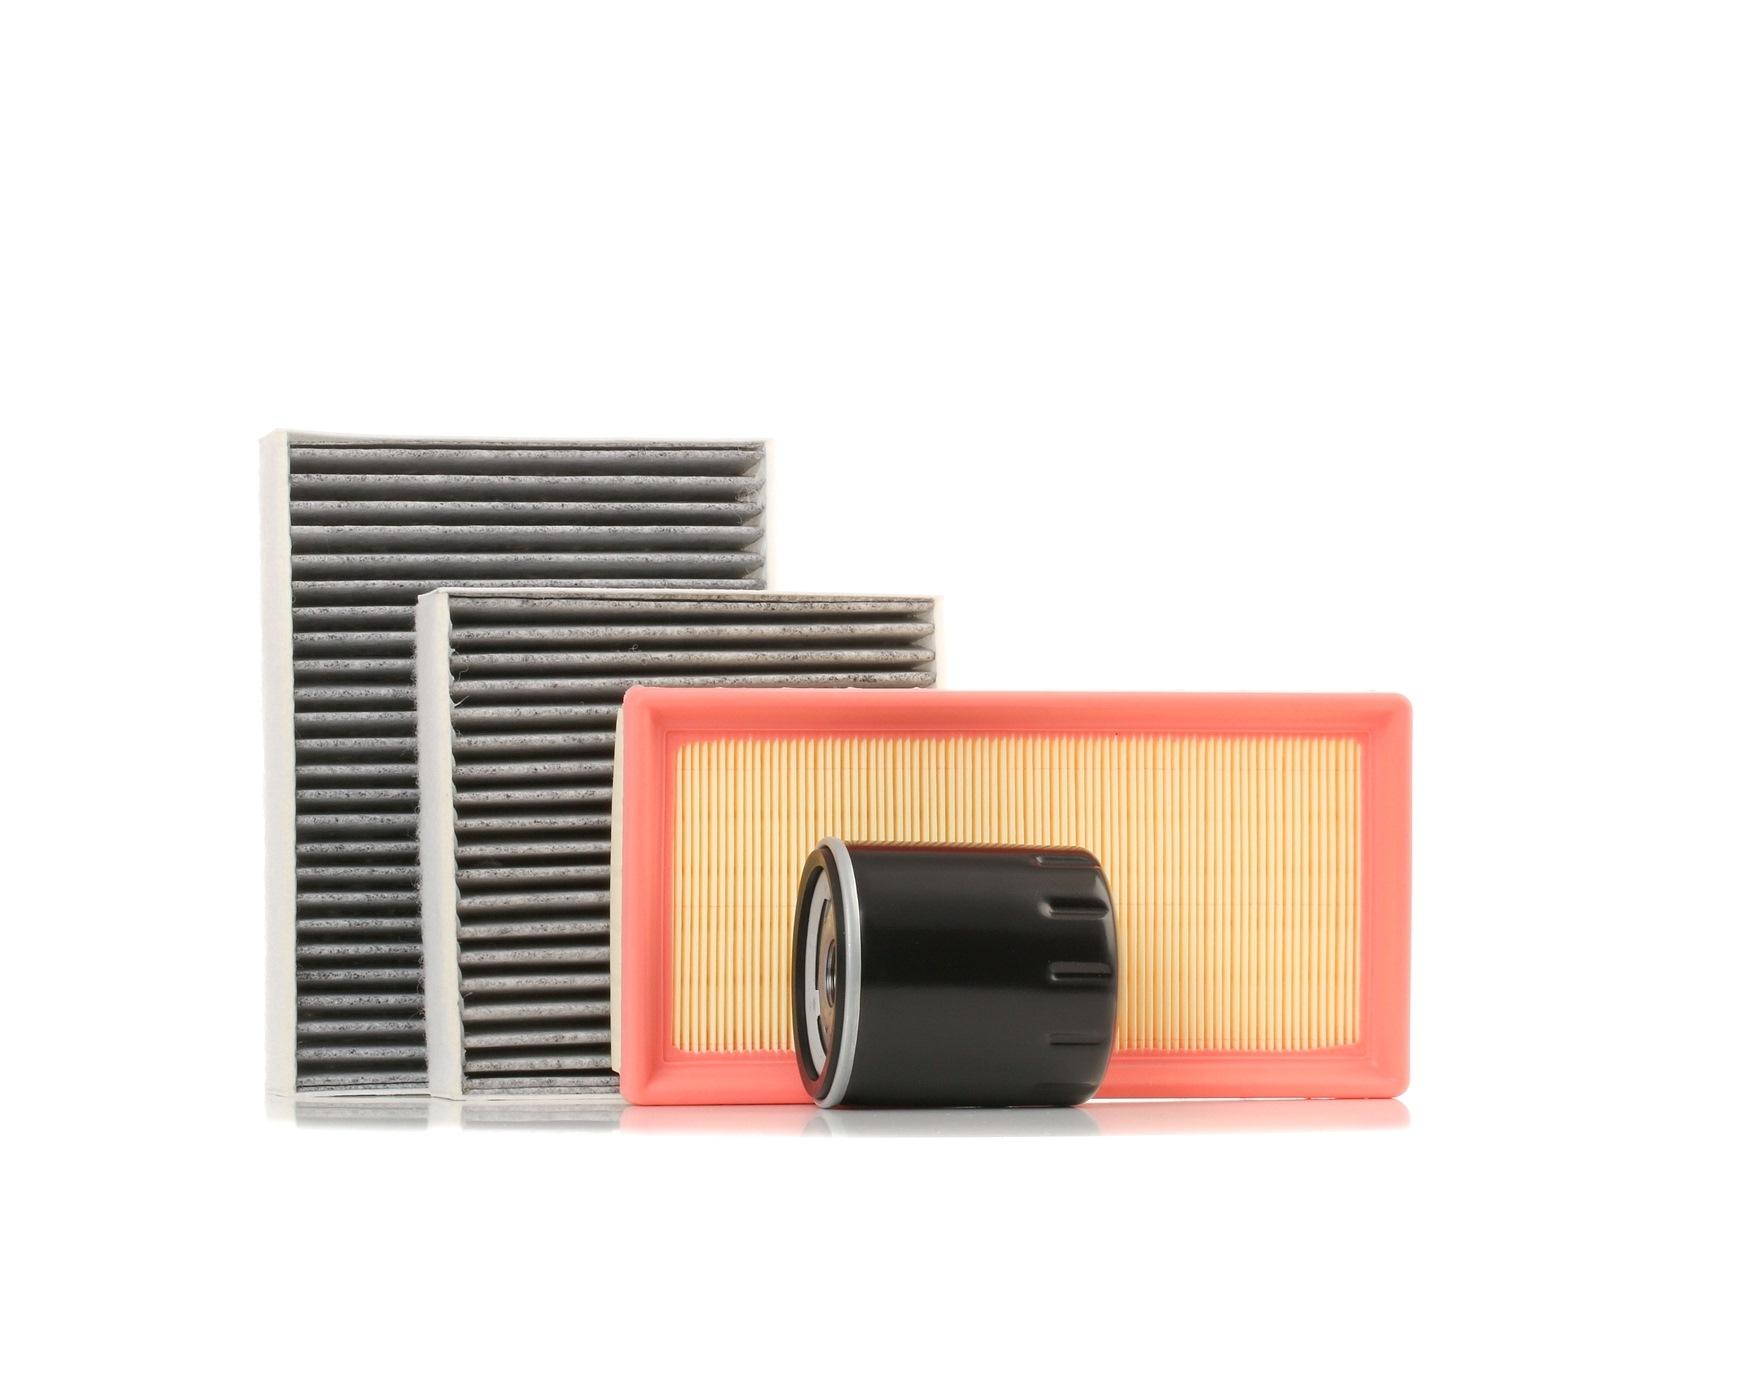 Kit tagliando 4055F0572 RIDEX — Solo ricambi nuovi